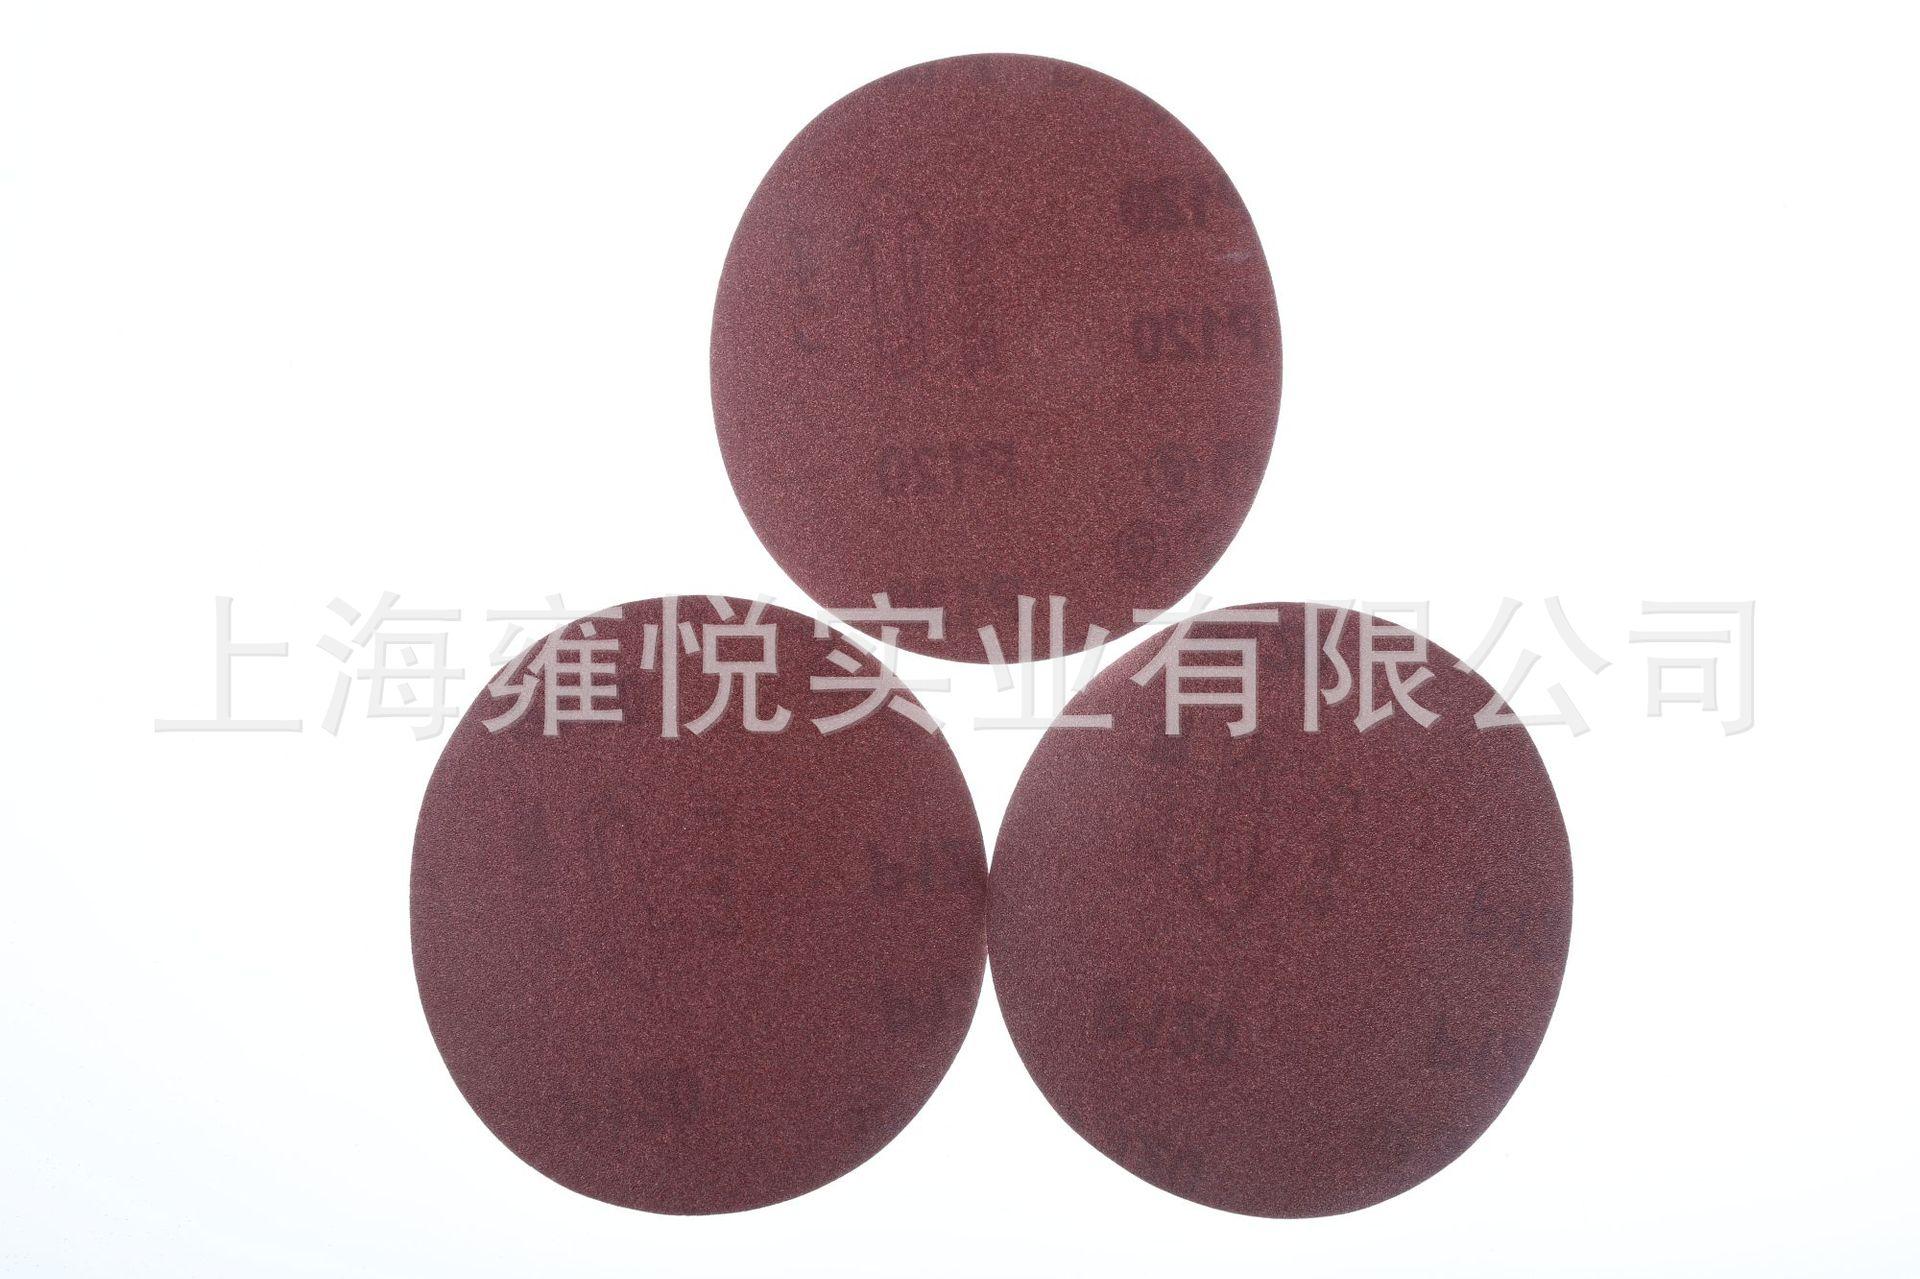 国产红砂纸2寸/圆盘砂纸/红砂打磨砂纸/干磨砂纸/植绒砂纸/红砂纸